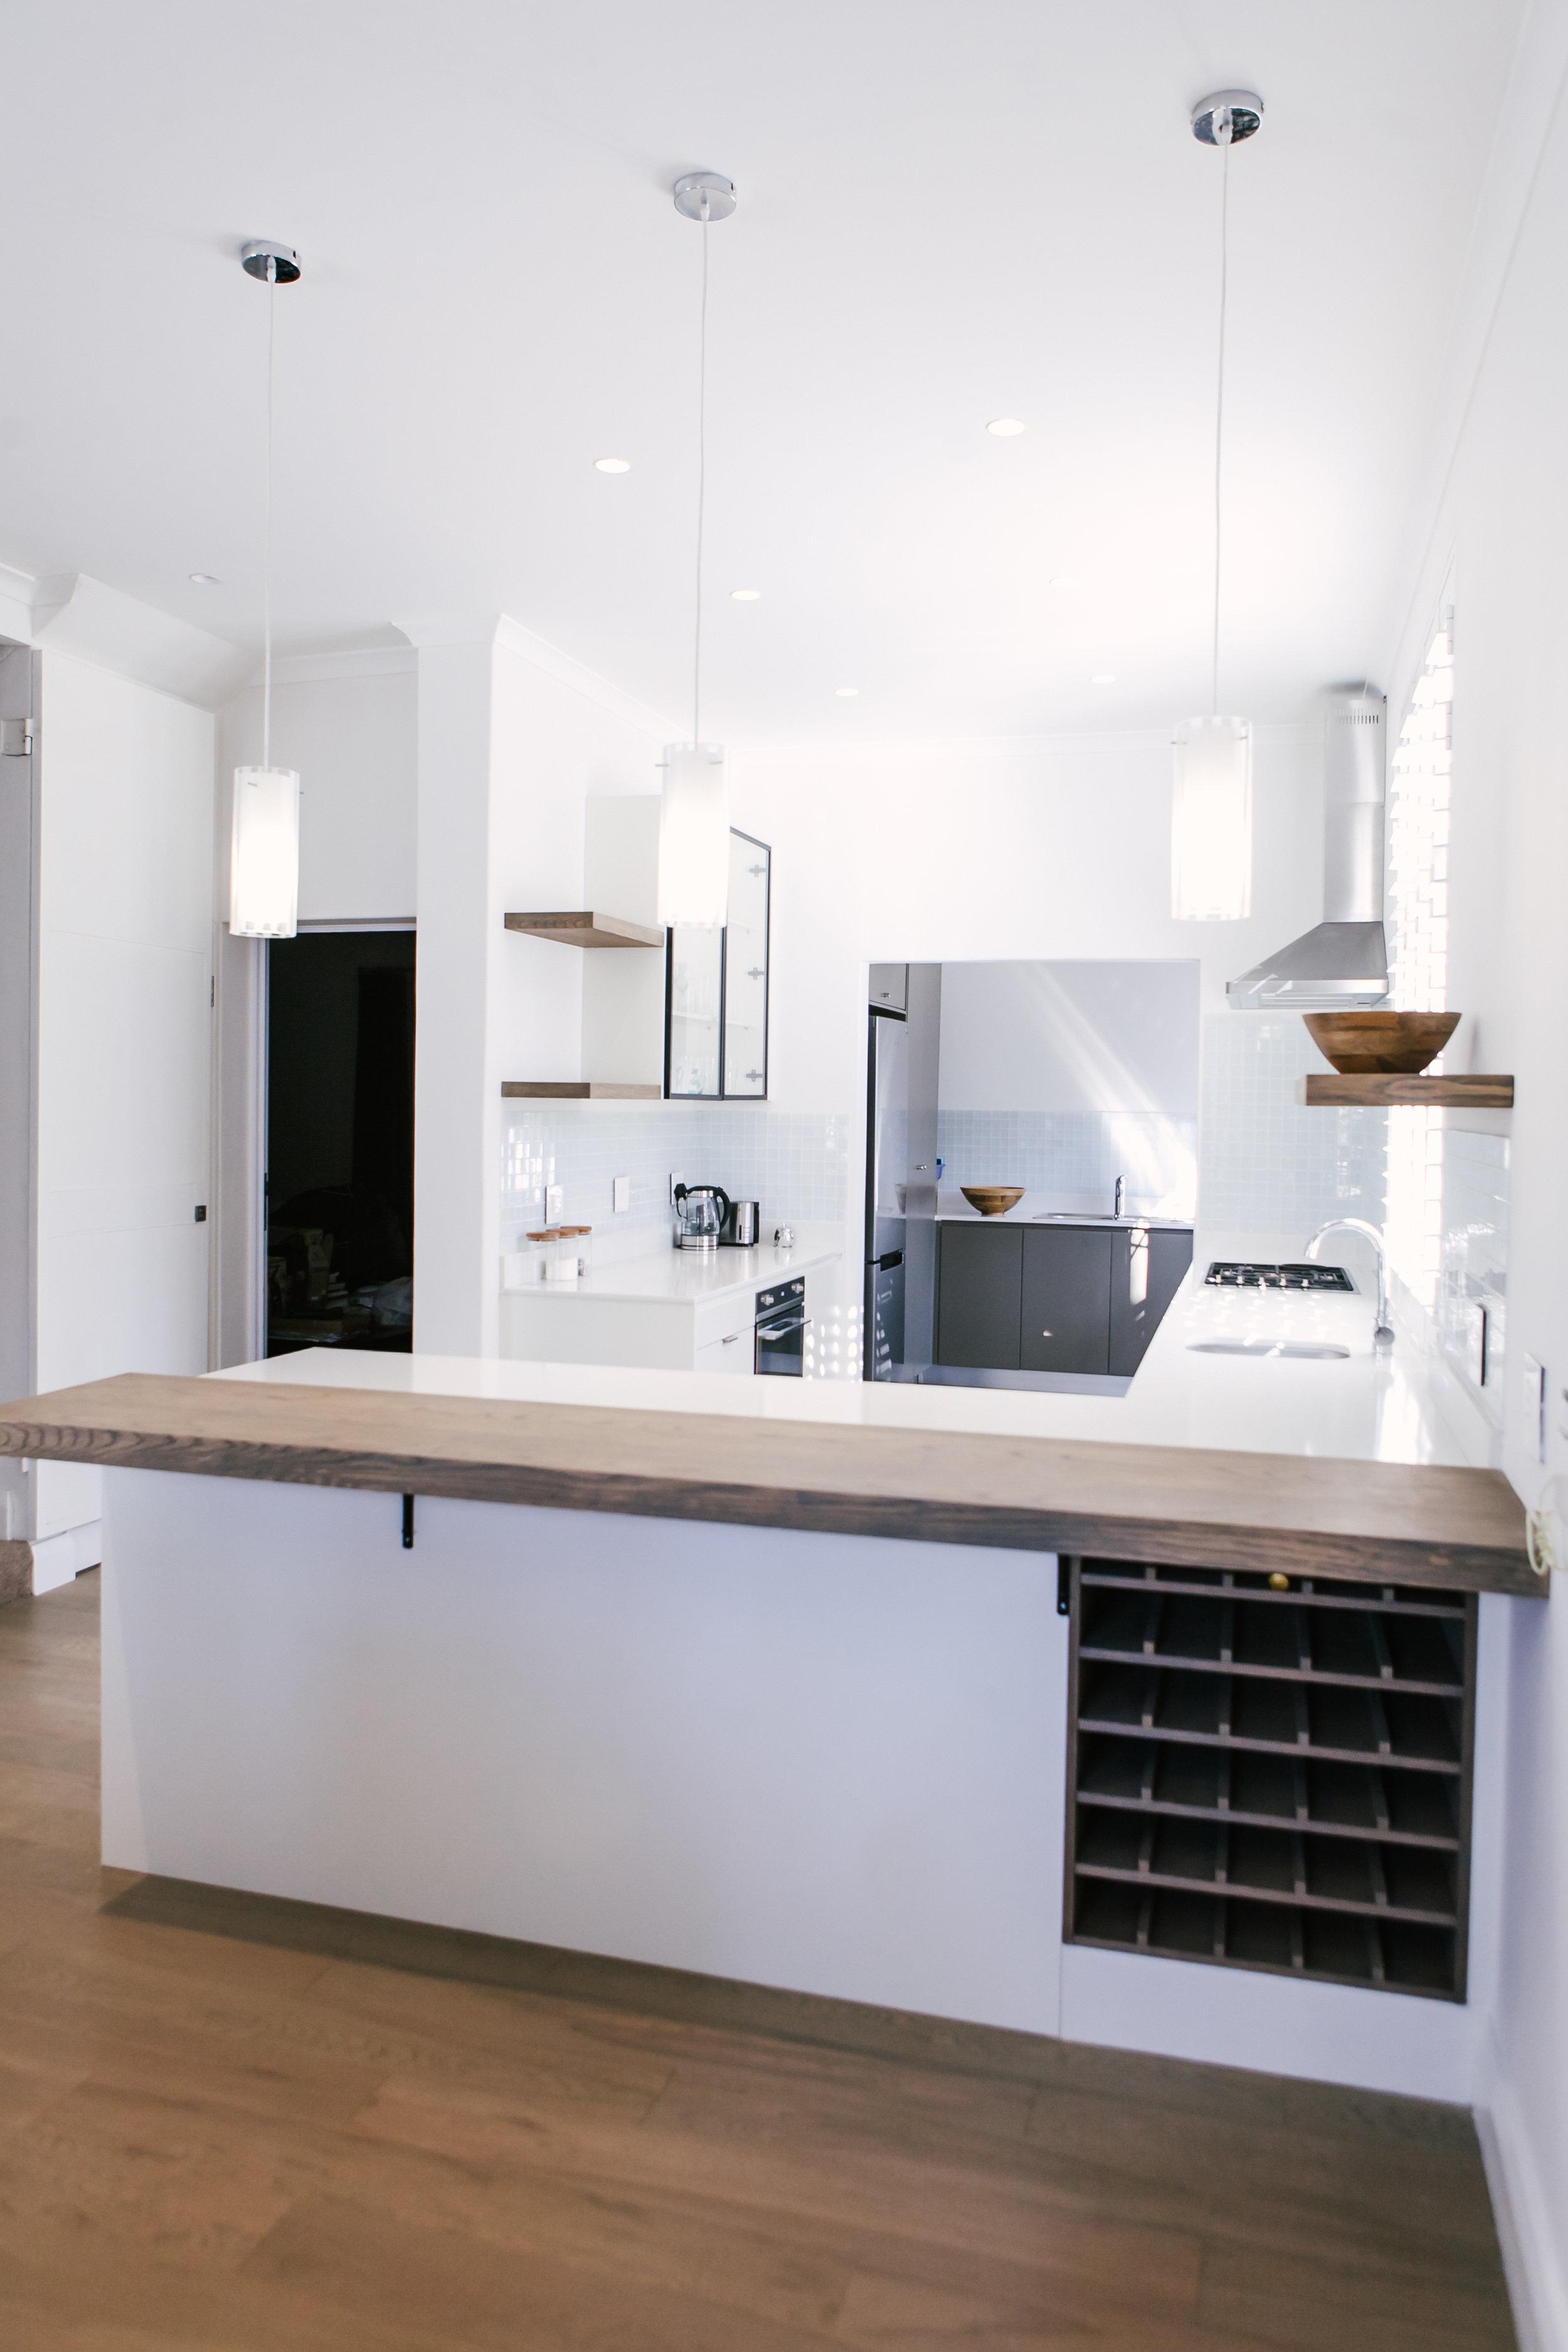 Newlands kitchen 2.jpg